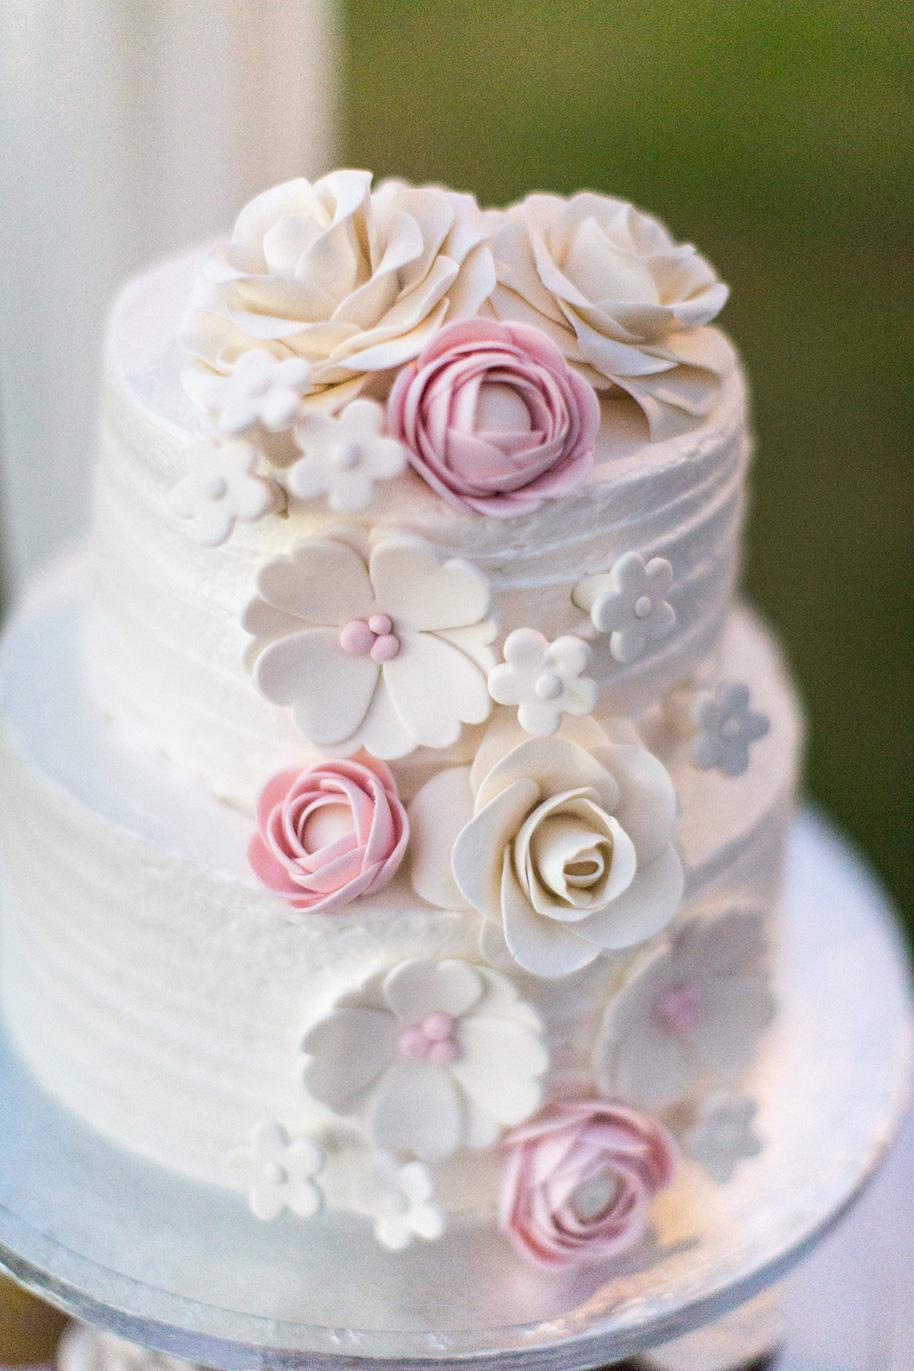 Lanikuhonua-Wedding-020117-22.jpg